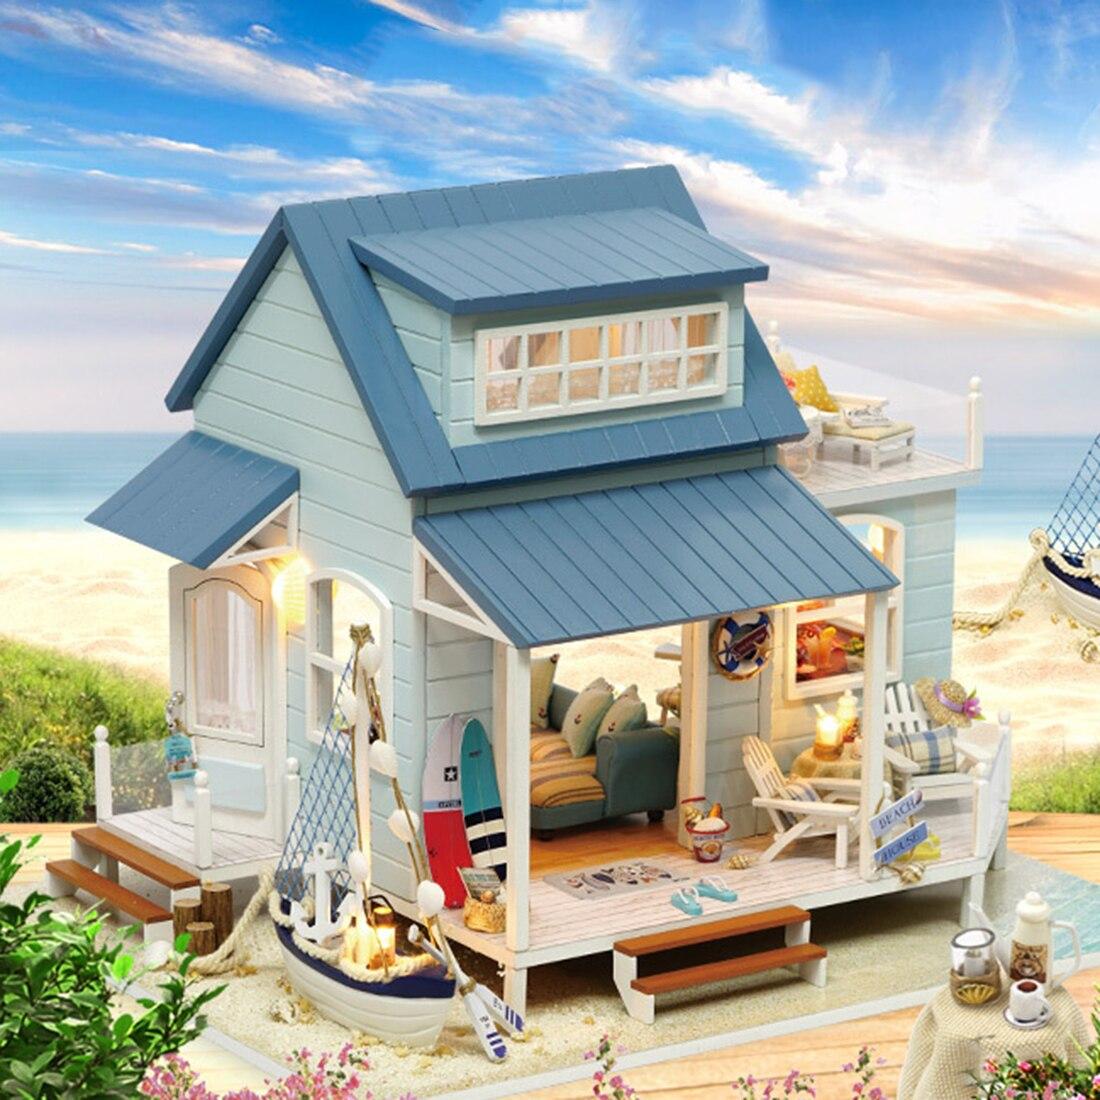 Dom dla lalek DIY drewniany domek dla lalek miniaturowe mebelki do domku dla lalek zestaw dla dzieci zabawki dla dzieci prezent na Boże Narodzenie morze karaibskie kreatywny zestaw do domu w Domy dla lalek od Zabawki i hobby na AliExpress - 11.11_Double 11Singles' Day 1